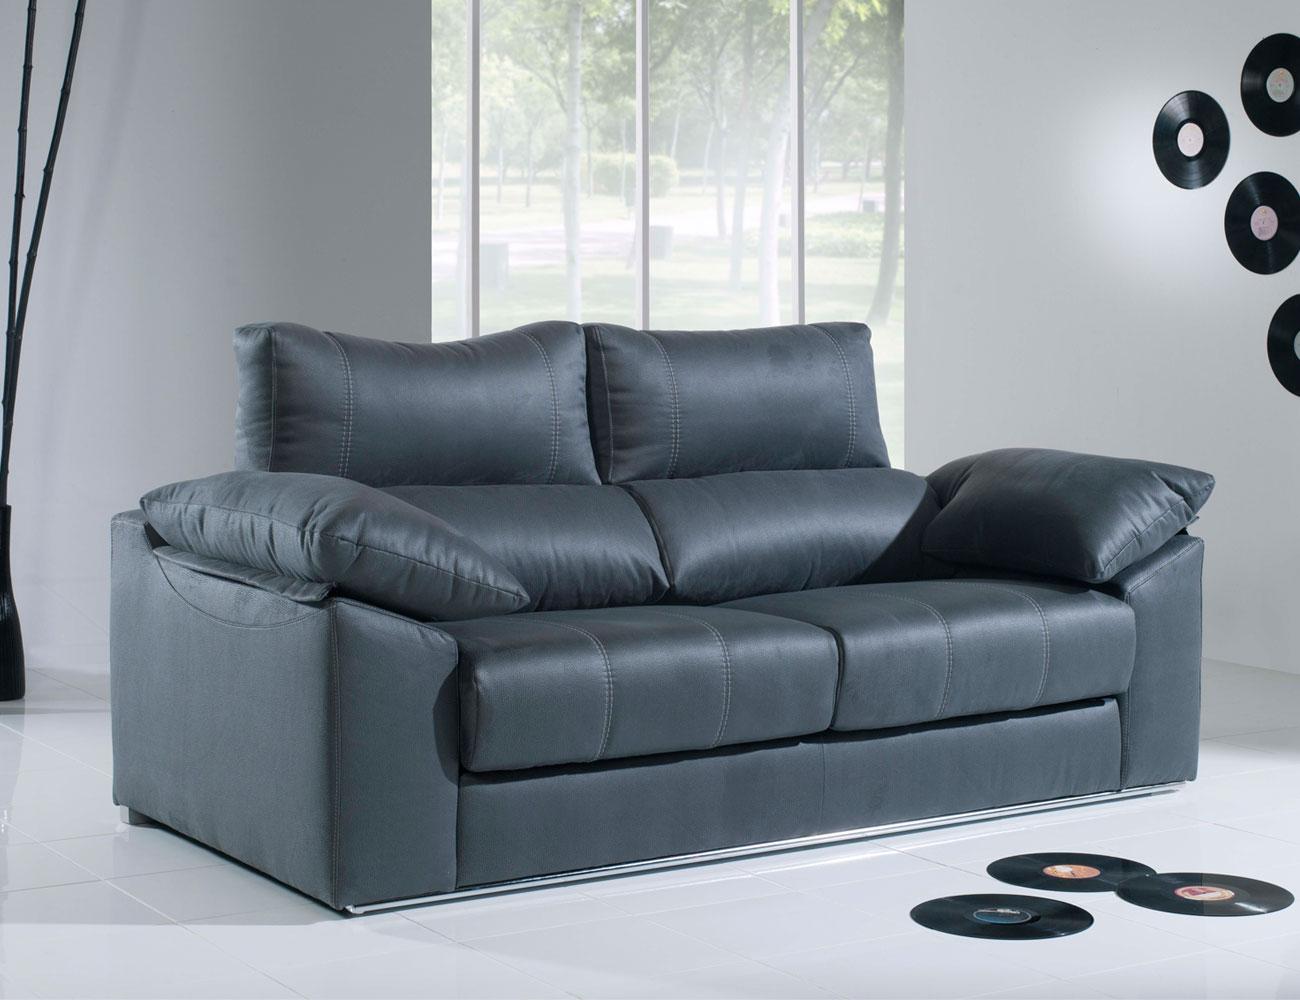 Sofa 3 plazas moderno con barra36